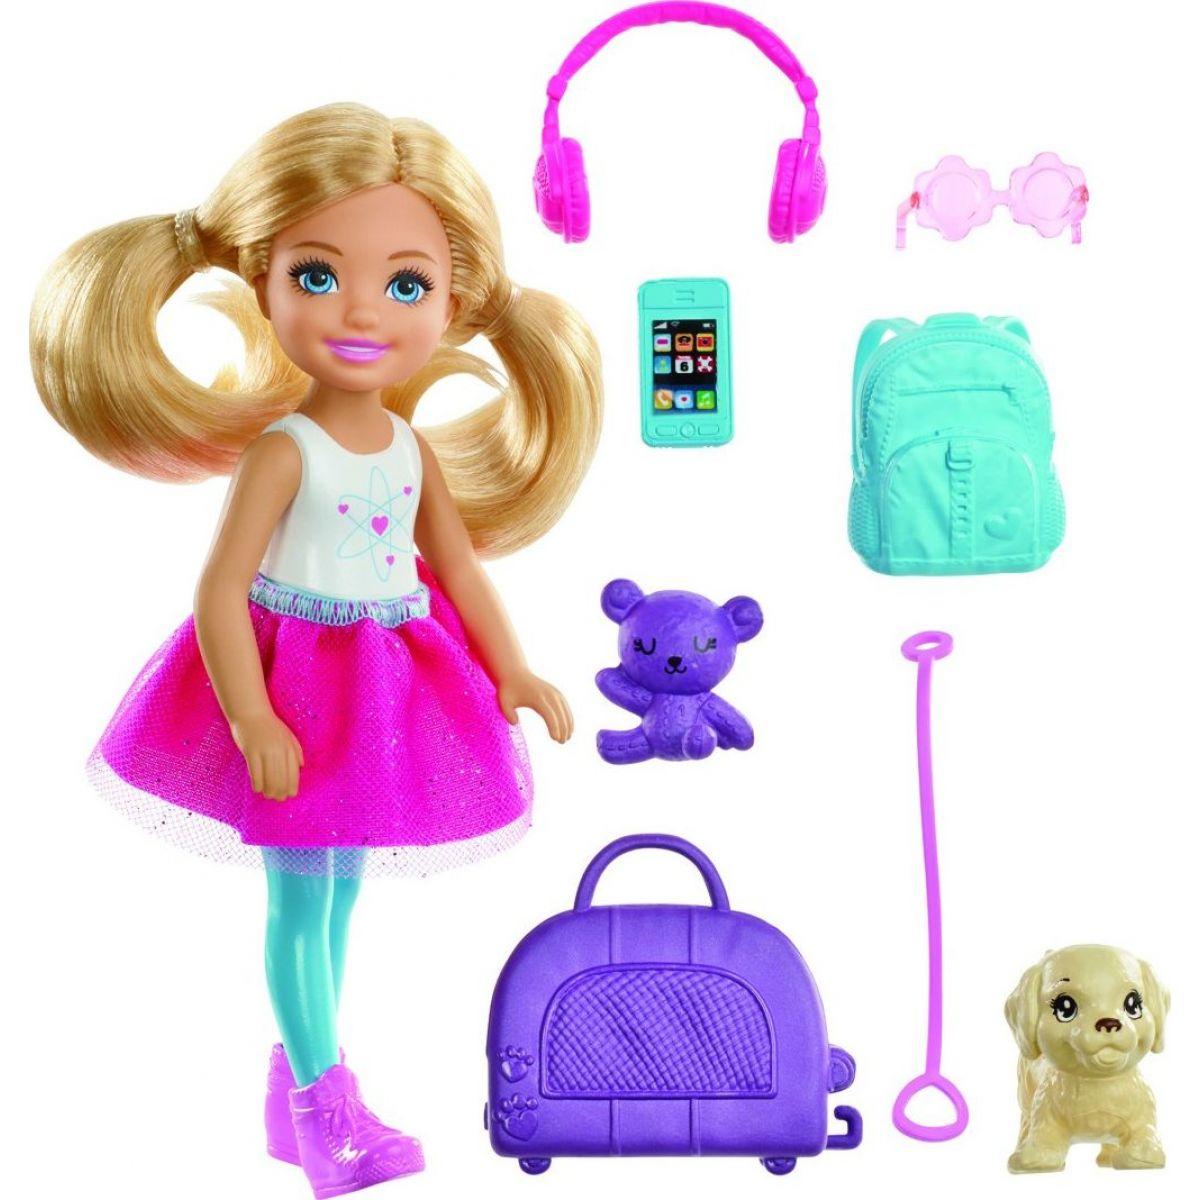 Mattel Barbie Chelsea cestovateľka